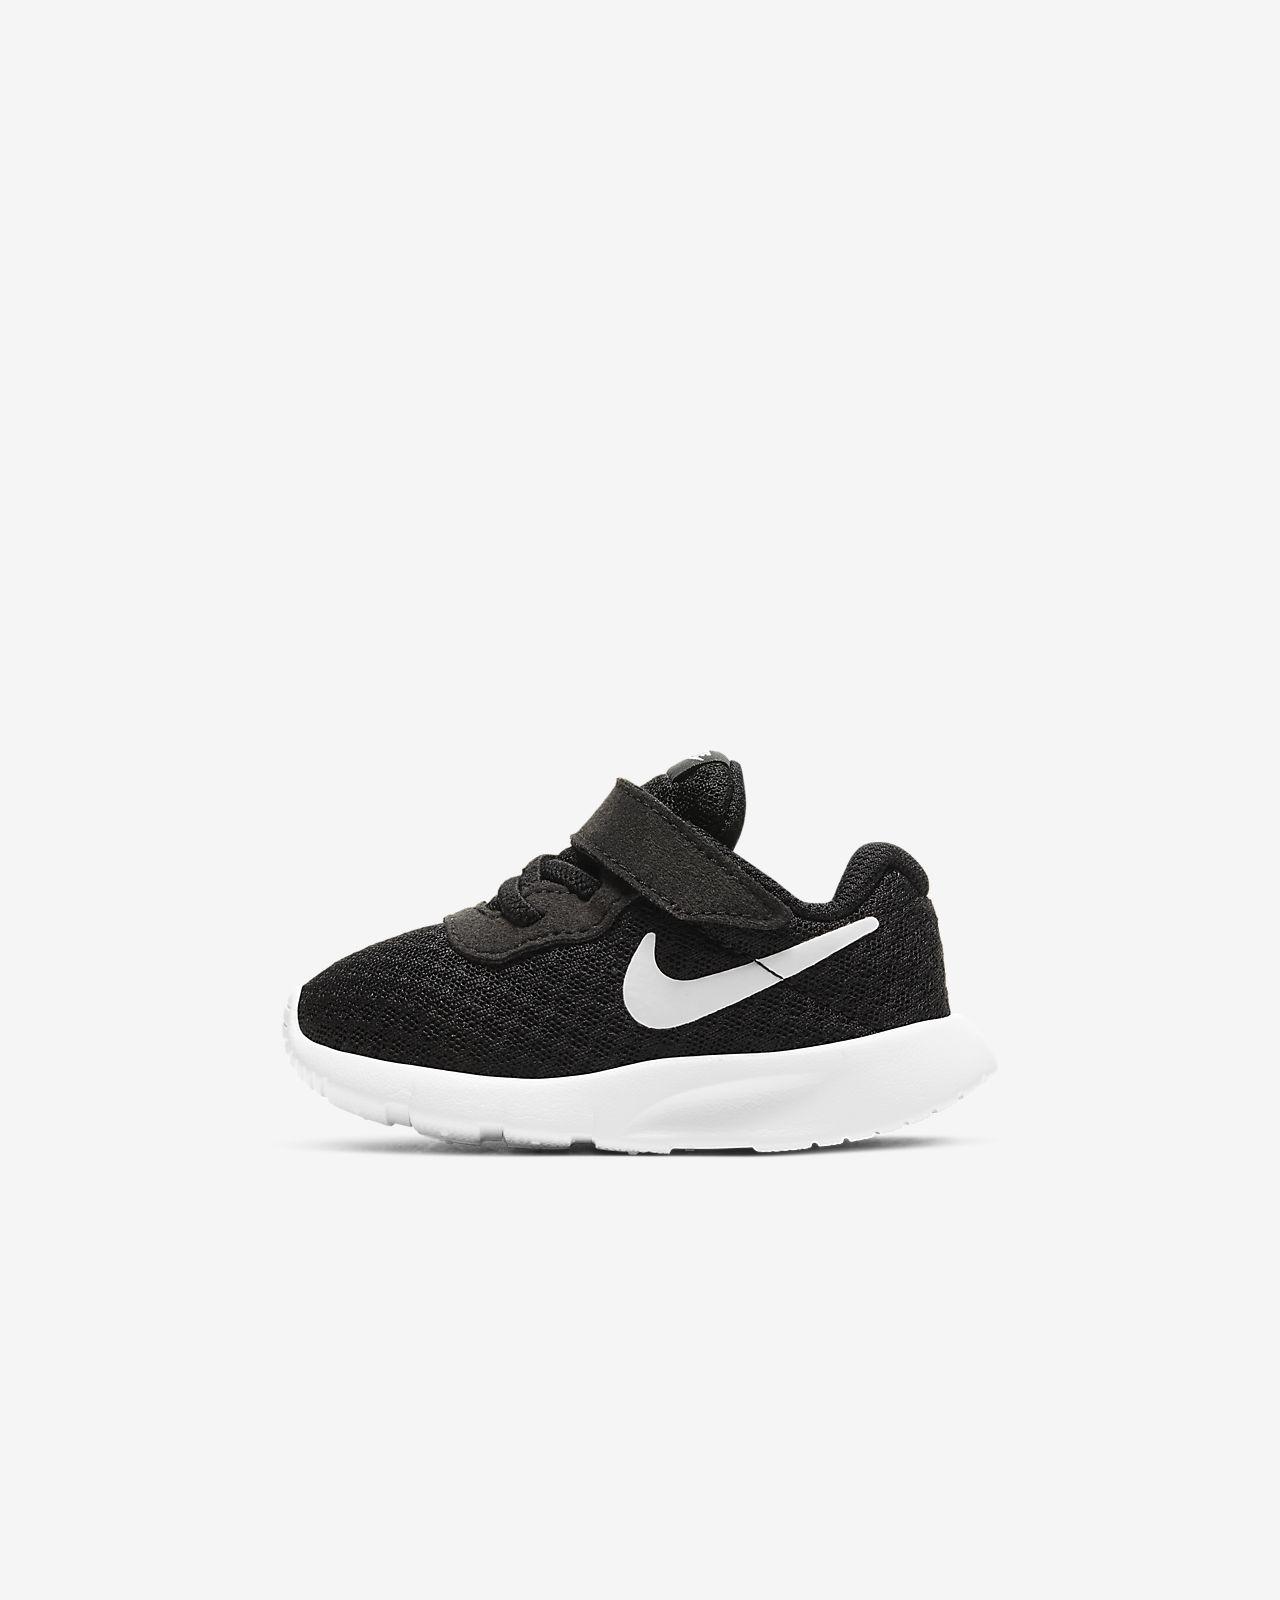 Nike Air Force 1 Low Just Do It 18SG | Skor, Kläder